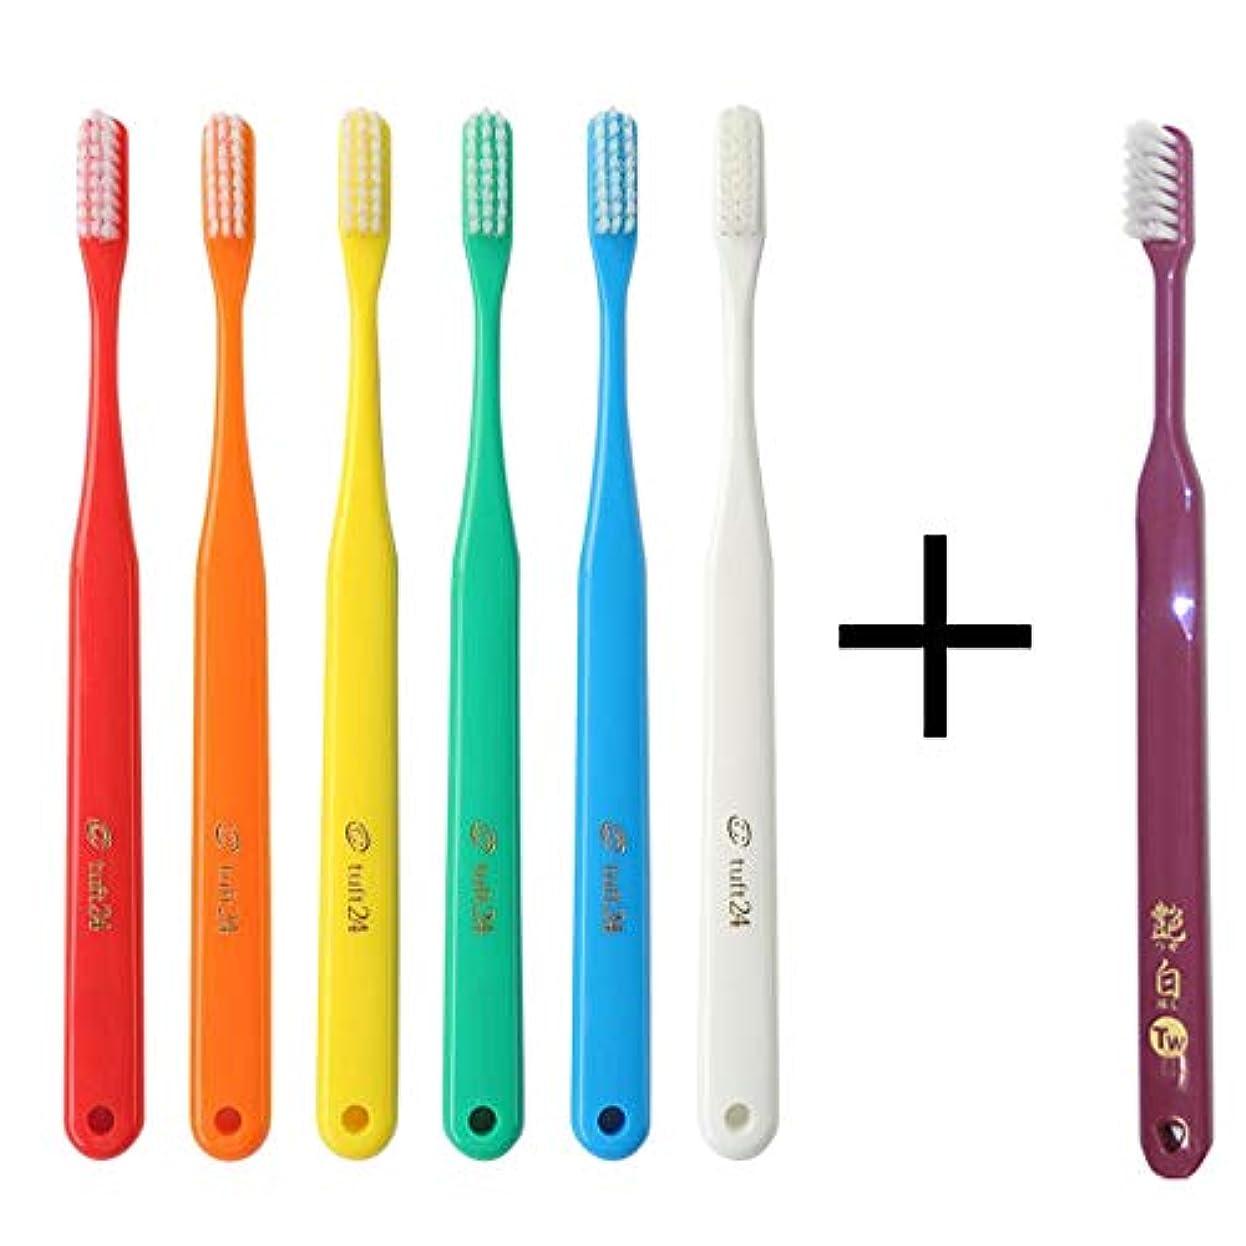 ミニチュア嫌い先生キャップなし タフト24 歯ブラシ × 25本入 S (アソート) + 艶白 歯ブラシ (日本製) ×1本 MS(やややわらかめ) 大人用歯ブラシ 歯科医院取扱品